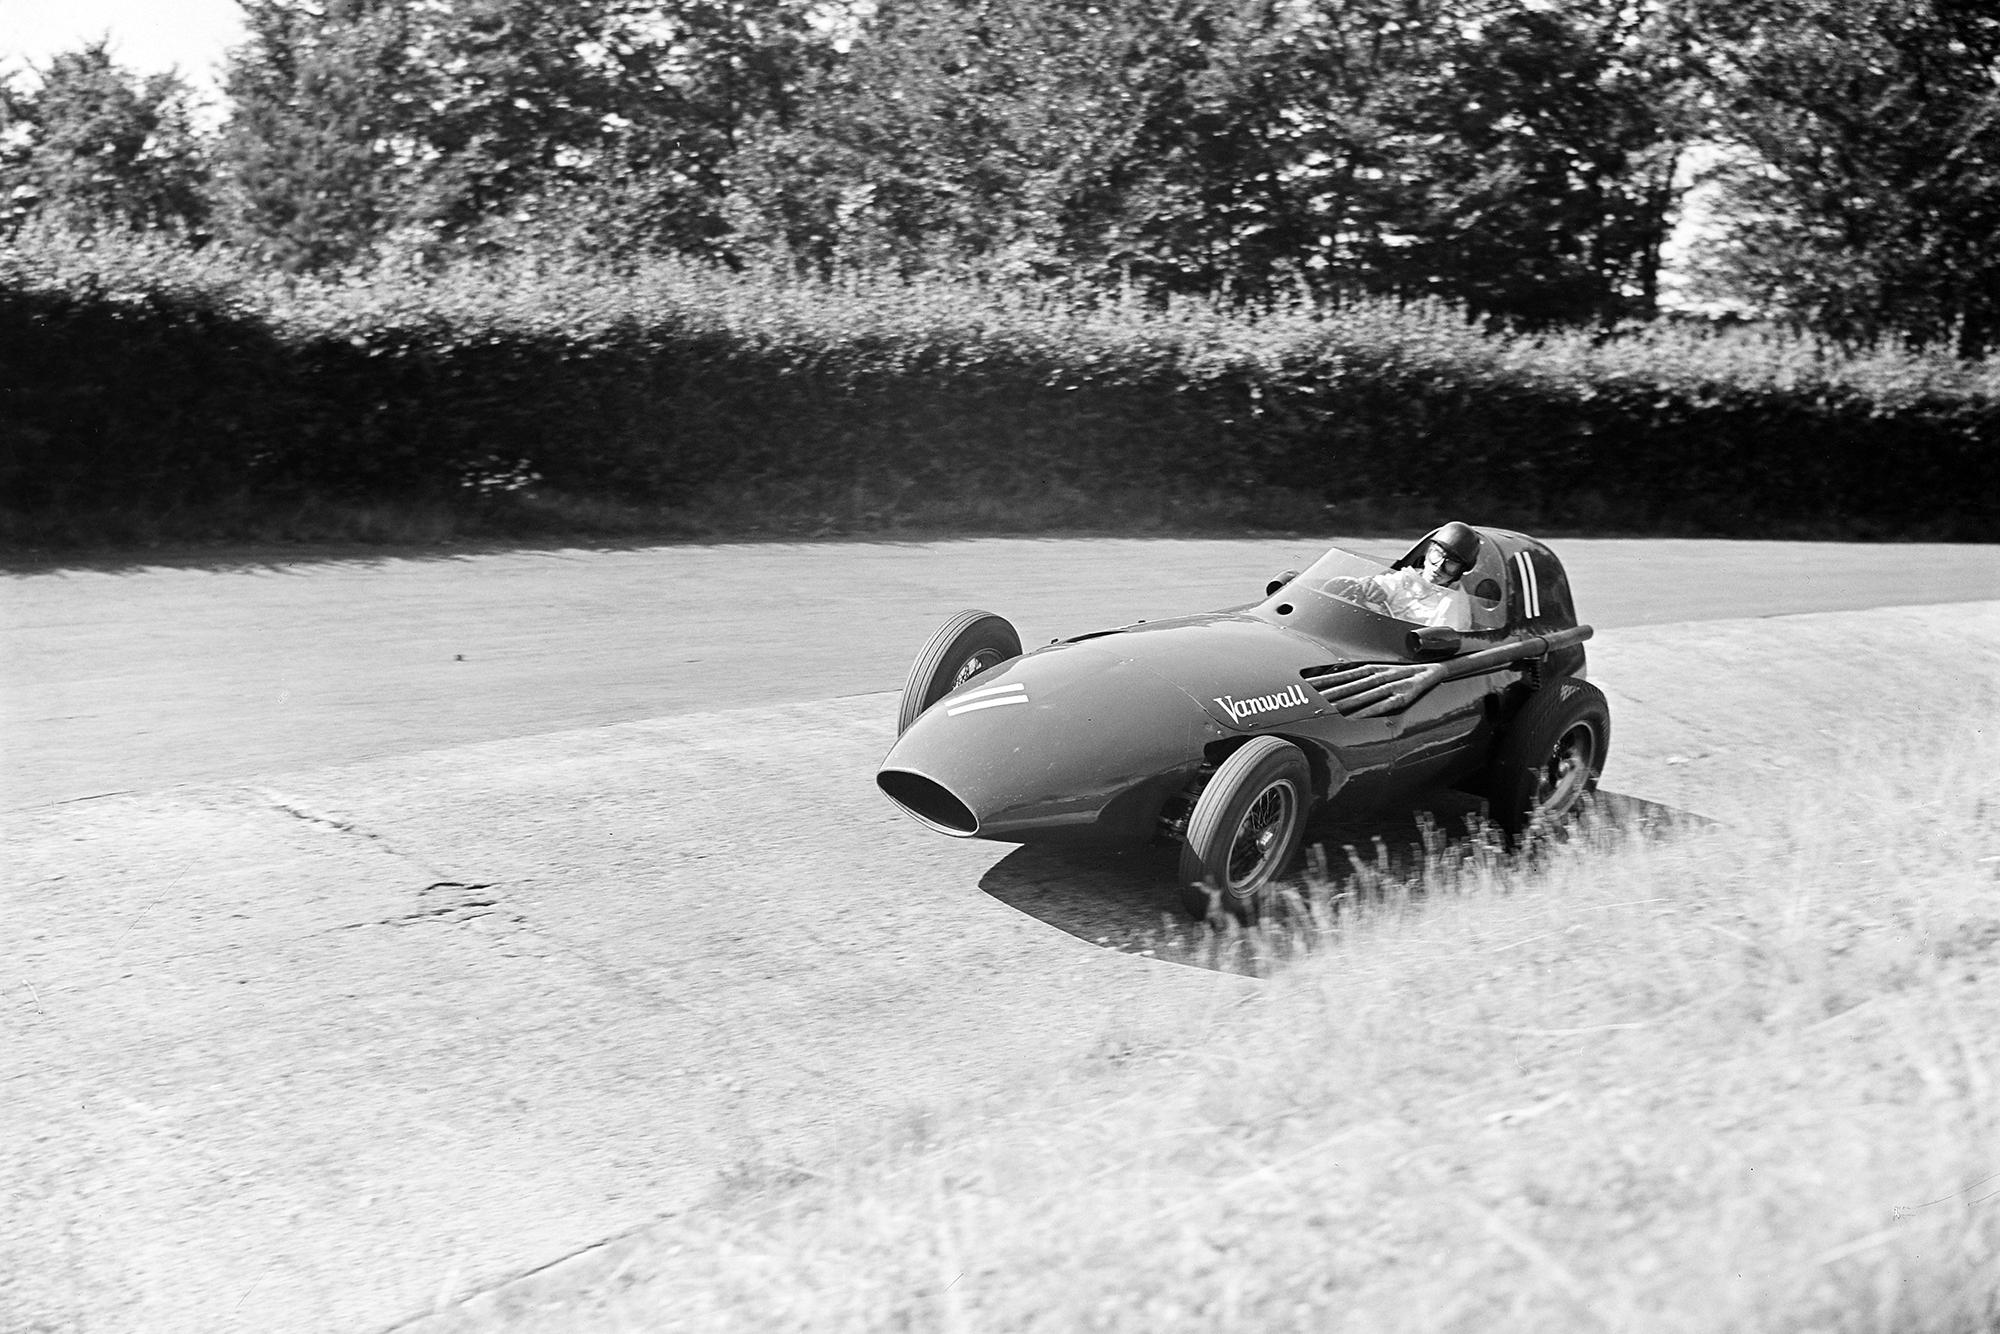 Tony Brooks takes on the carousel in his Vanwall, 1957 German Grand Prix, Nurburgring.Vanwall